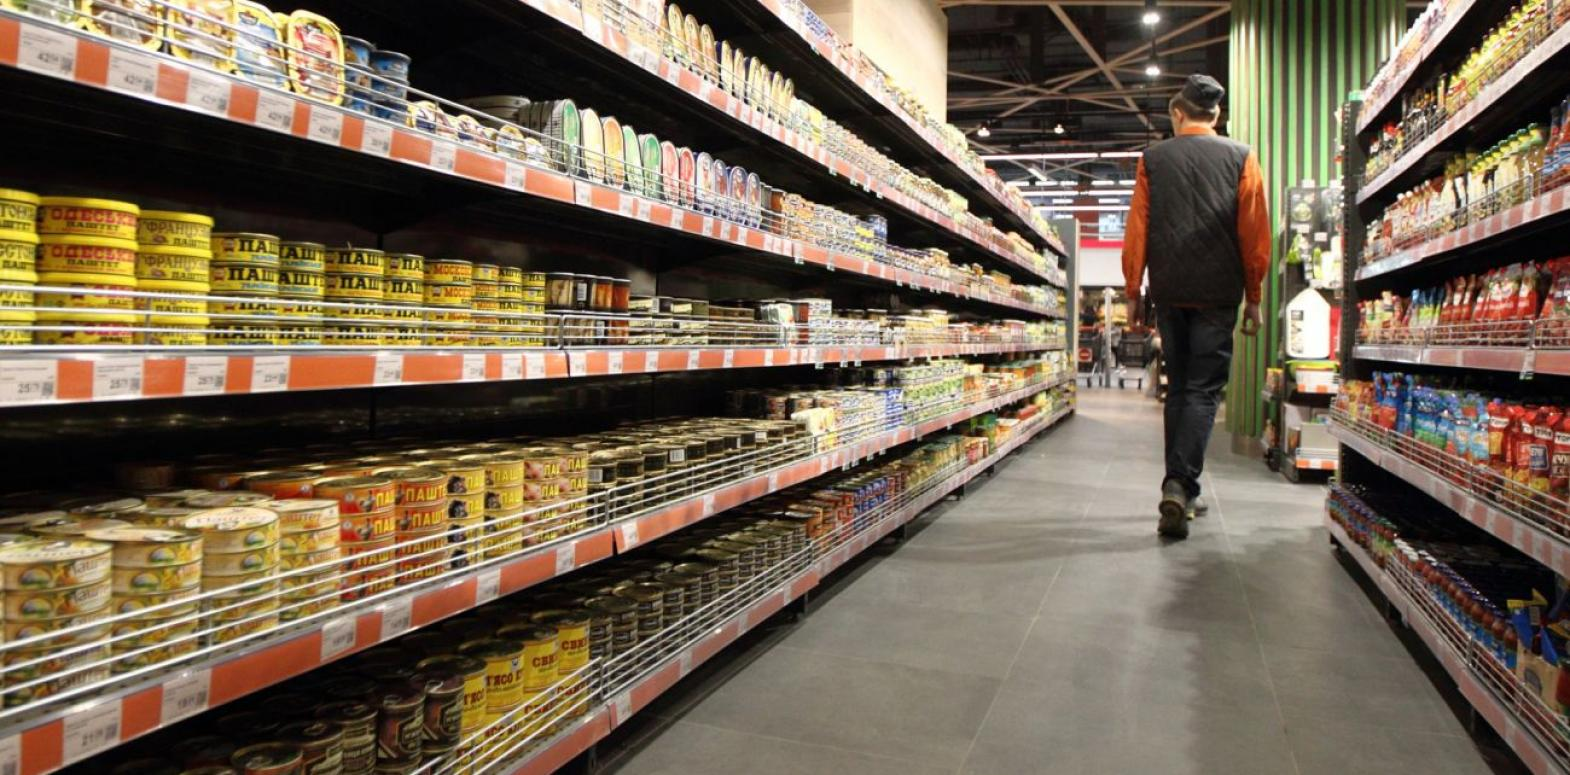 Мировые цены на продовольствие за год выросли на 30%